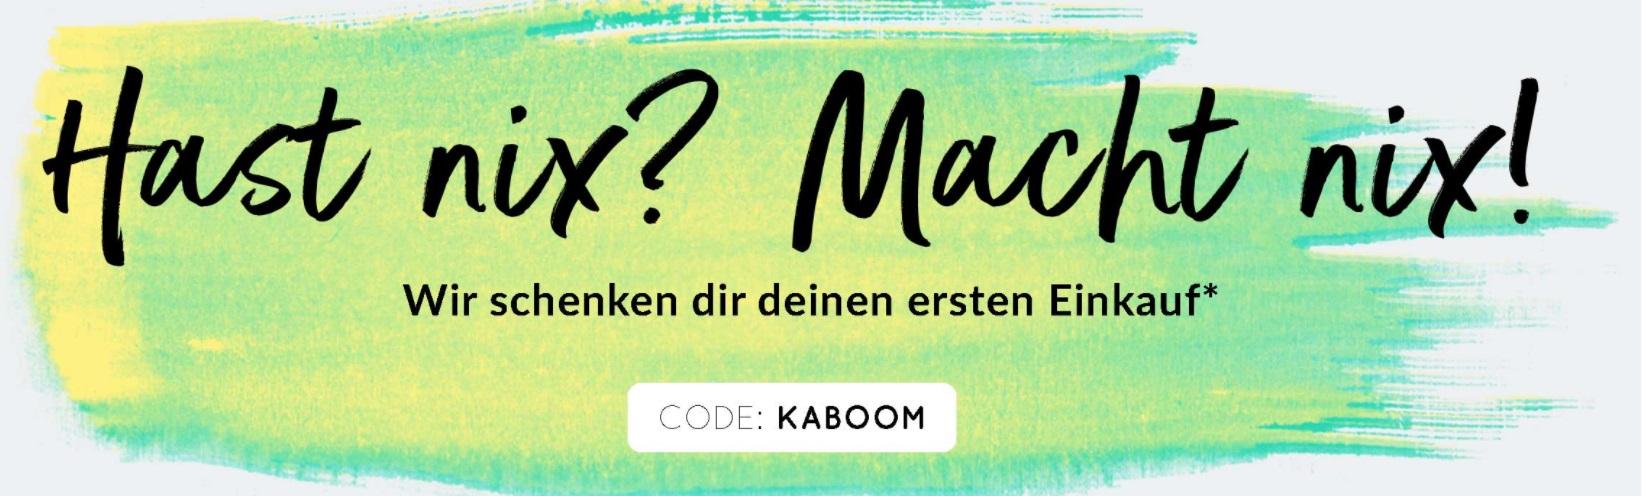 20€-Gutschein (für Neukunden) ohne Mindestbestellwert (und ohne Versandkosten) bei [Ubup] - Freebies möglich!